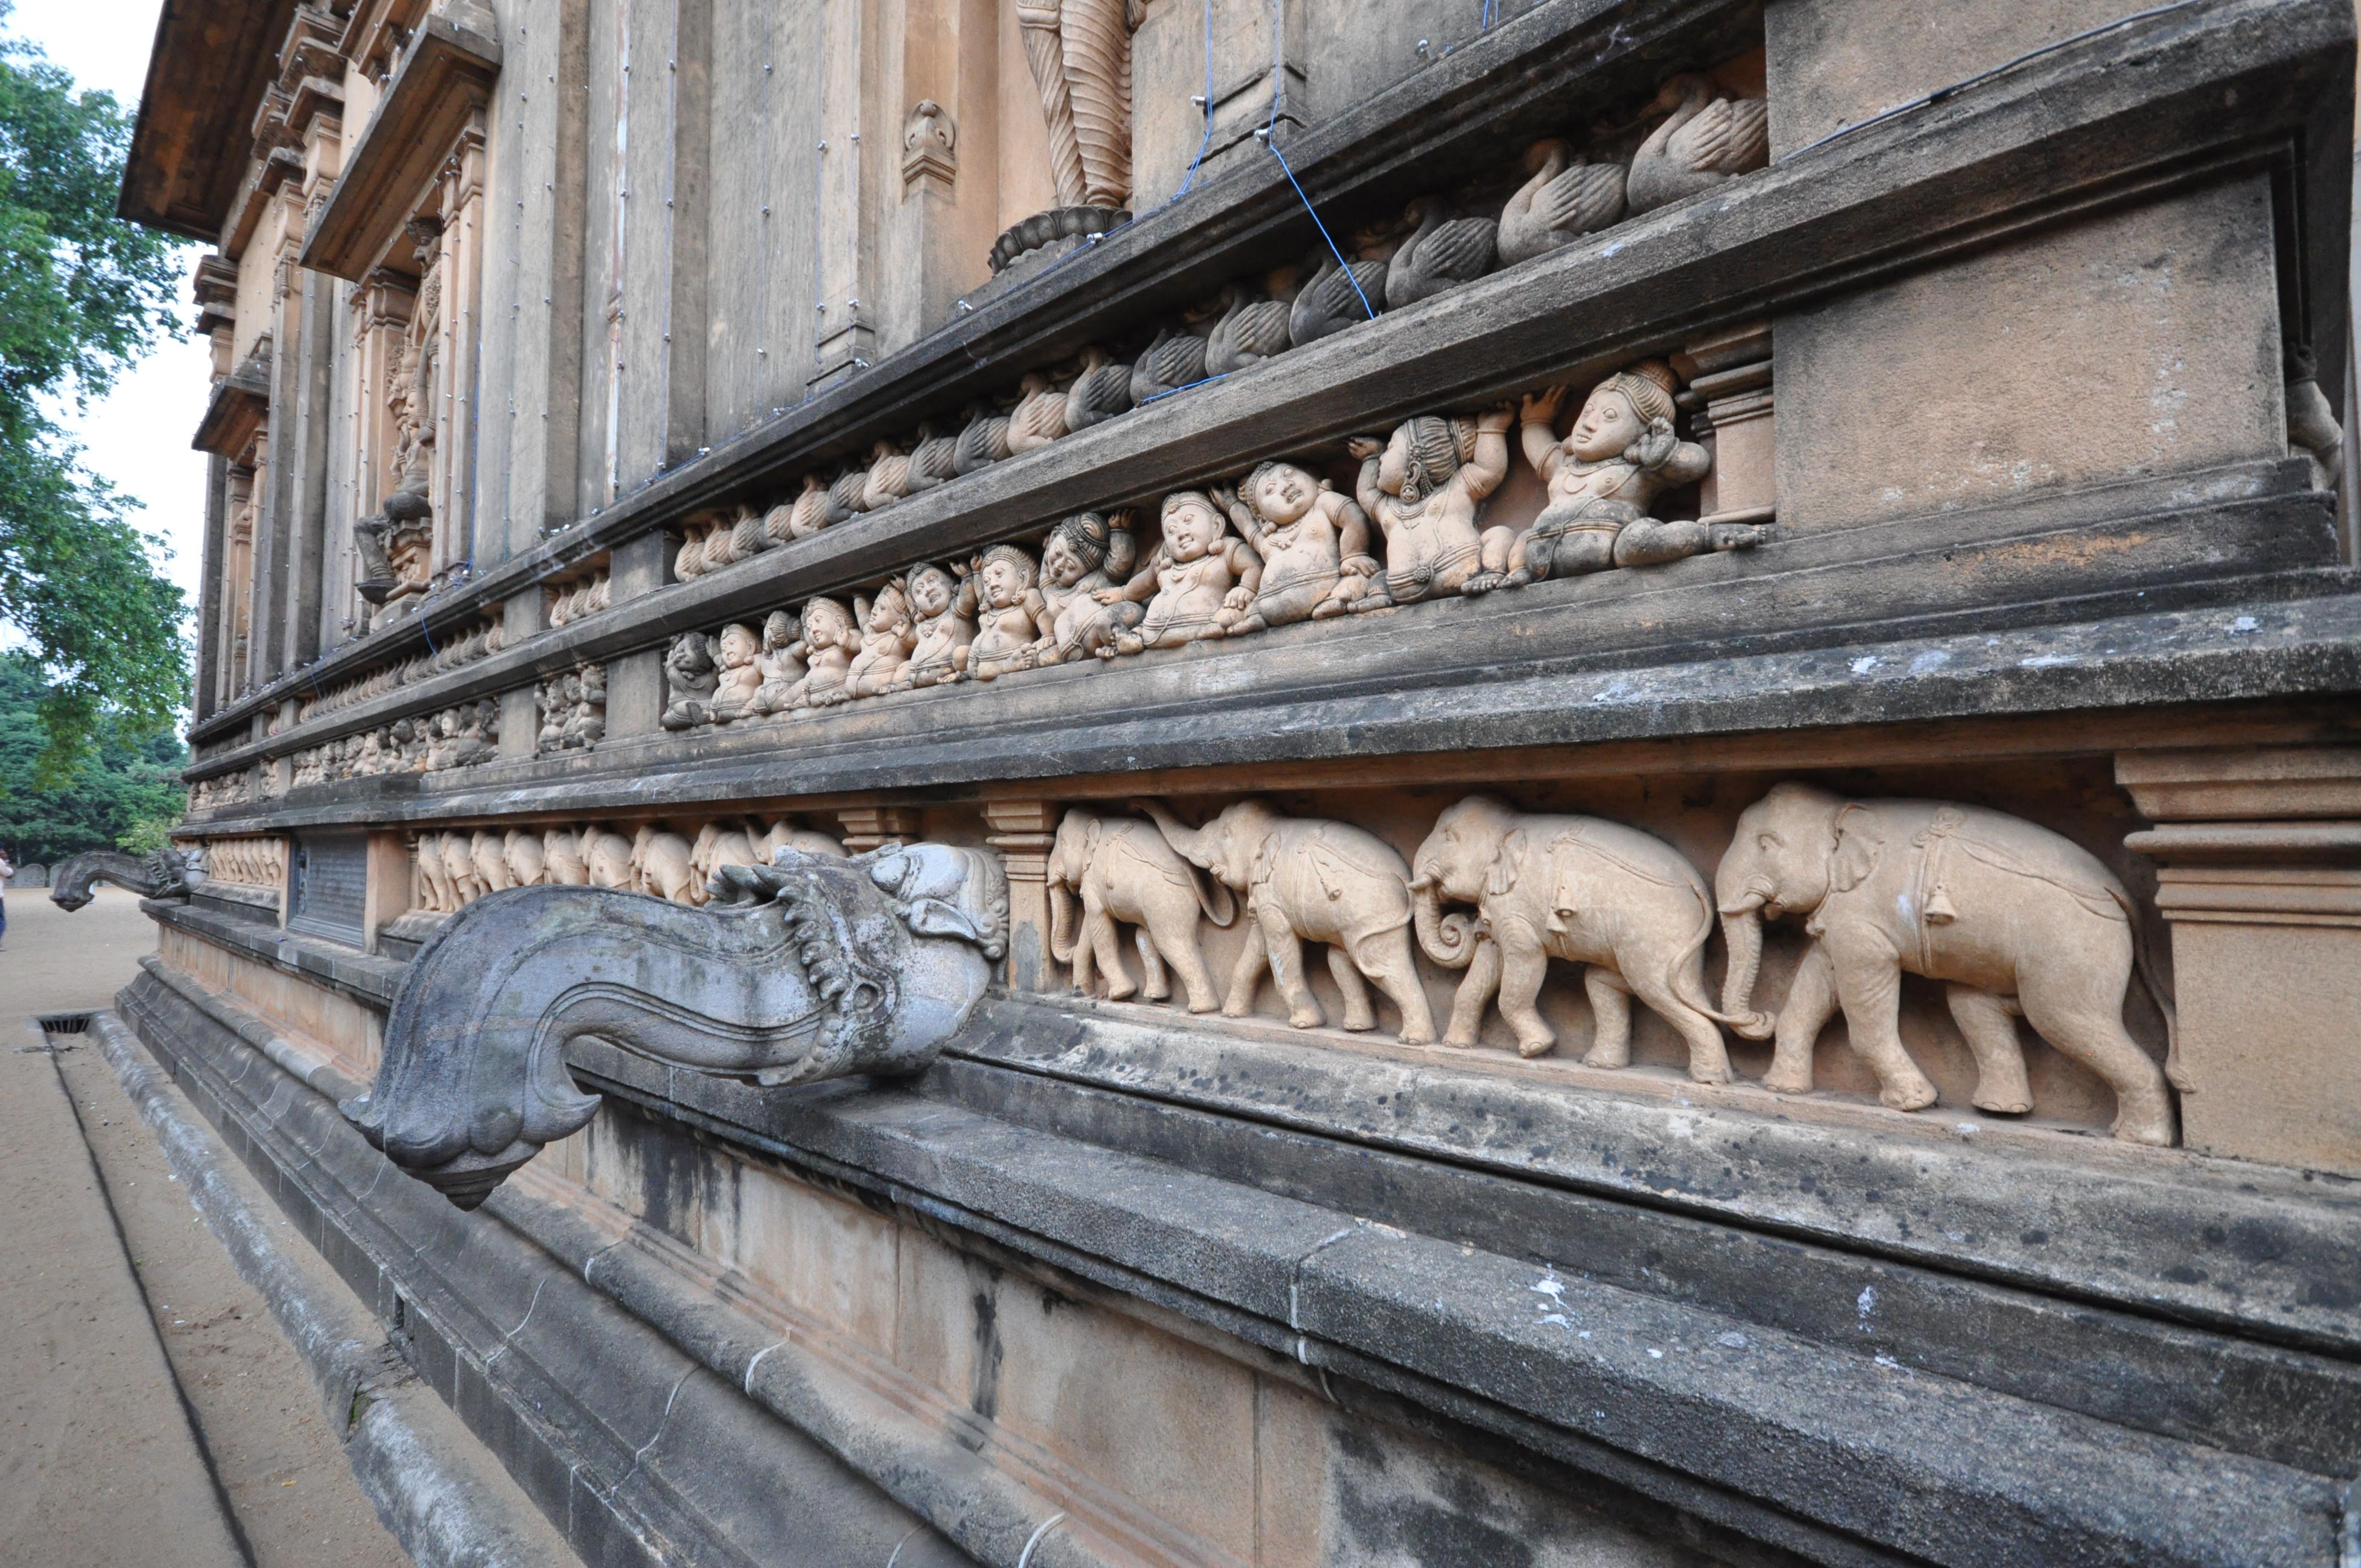 Kelaniya Temple %28Kelaniya Raja Maha Vihara%29 %285440542884%29